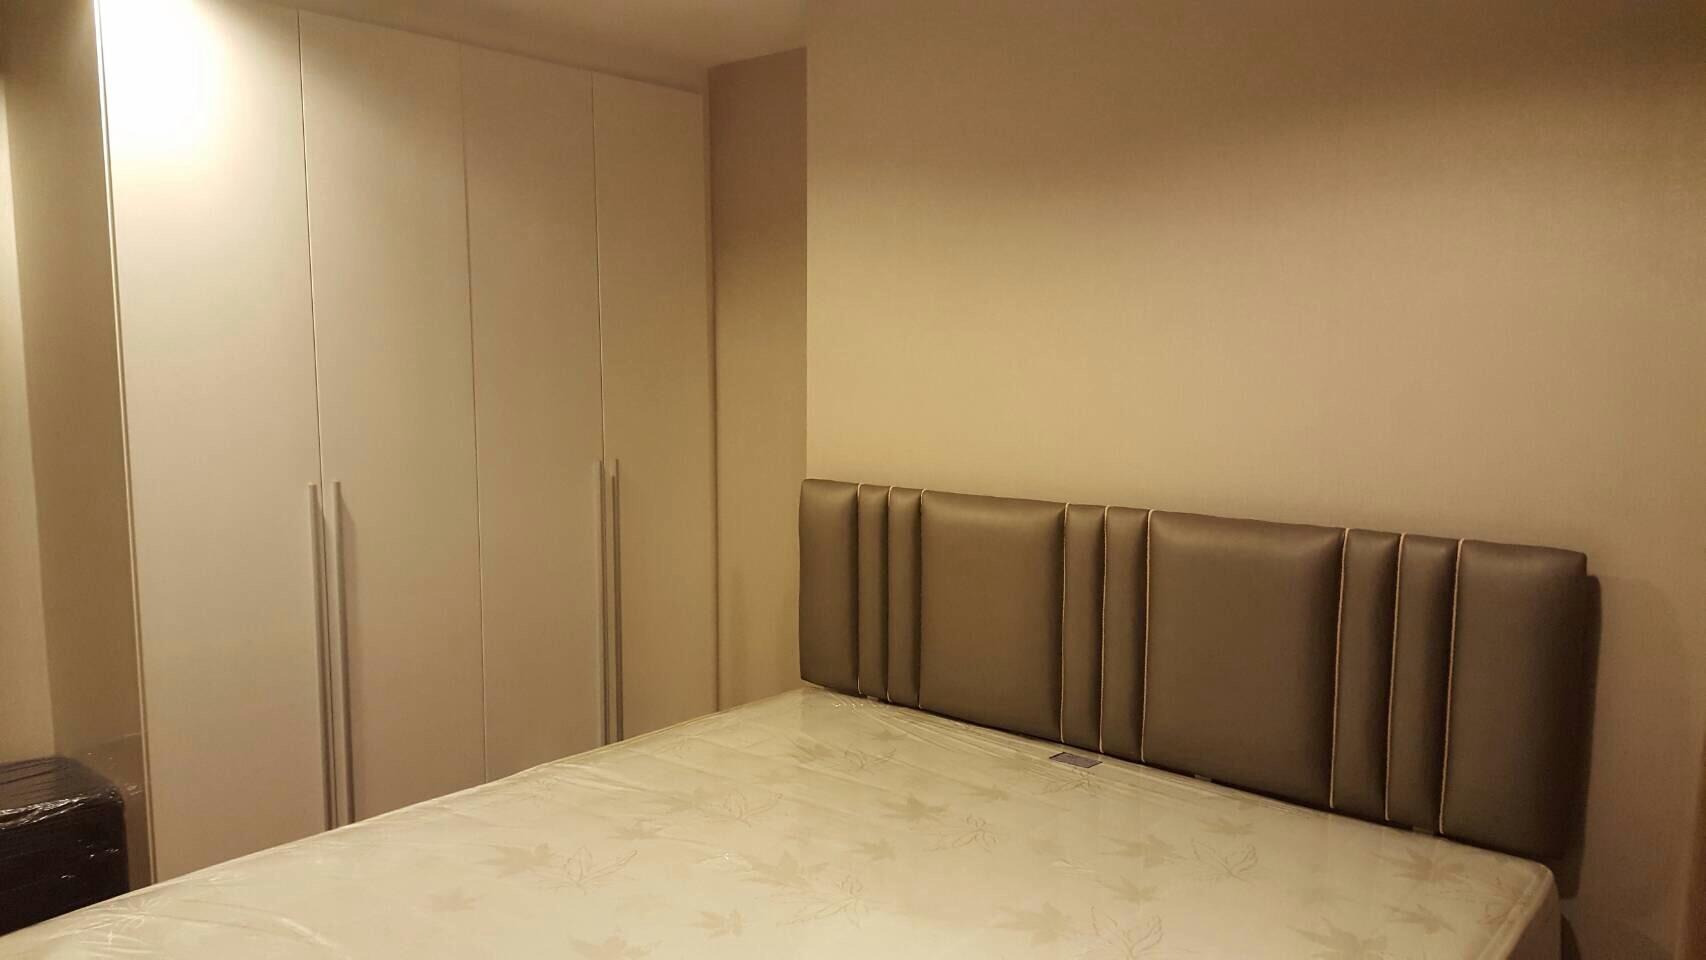 เบลล์ แกรนด์ พระราม 9 [Belle Grand Rama 9] อาคาร A1